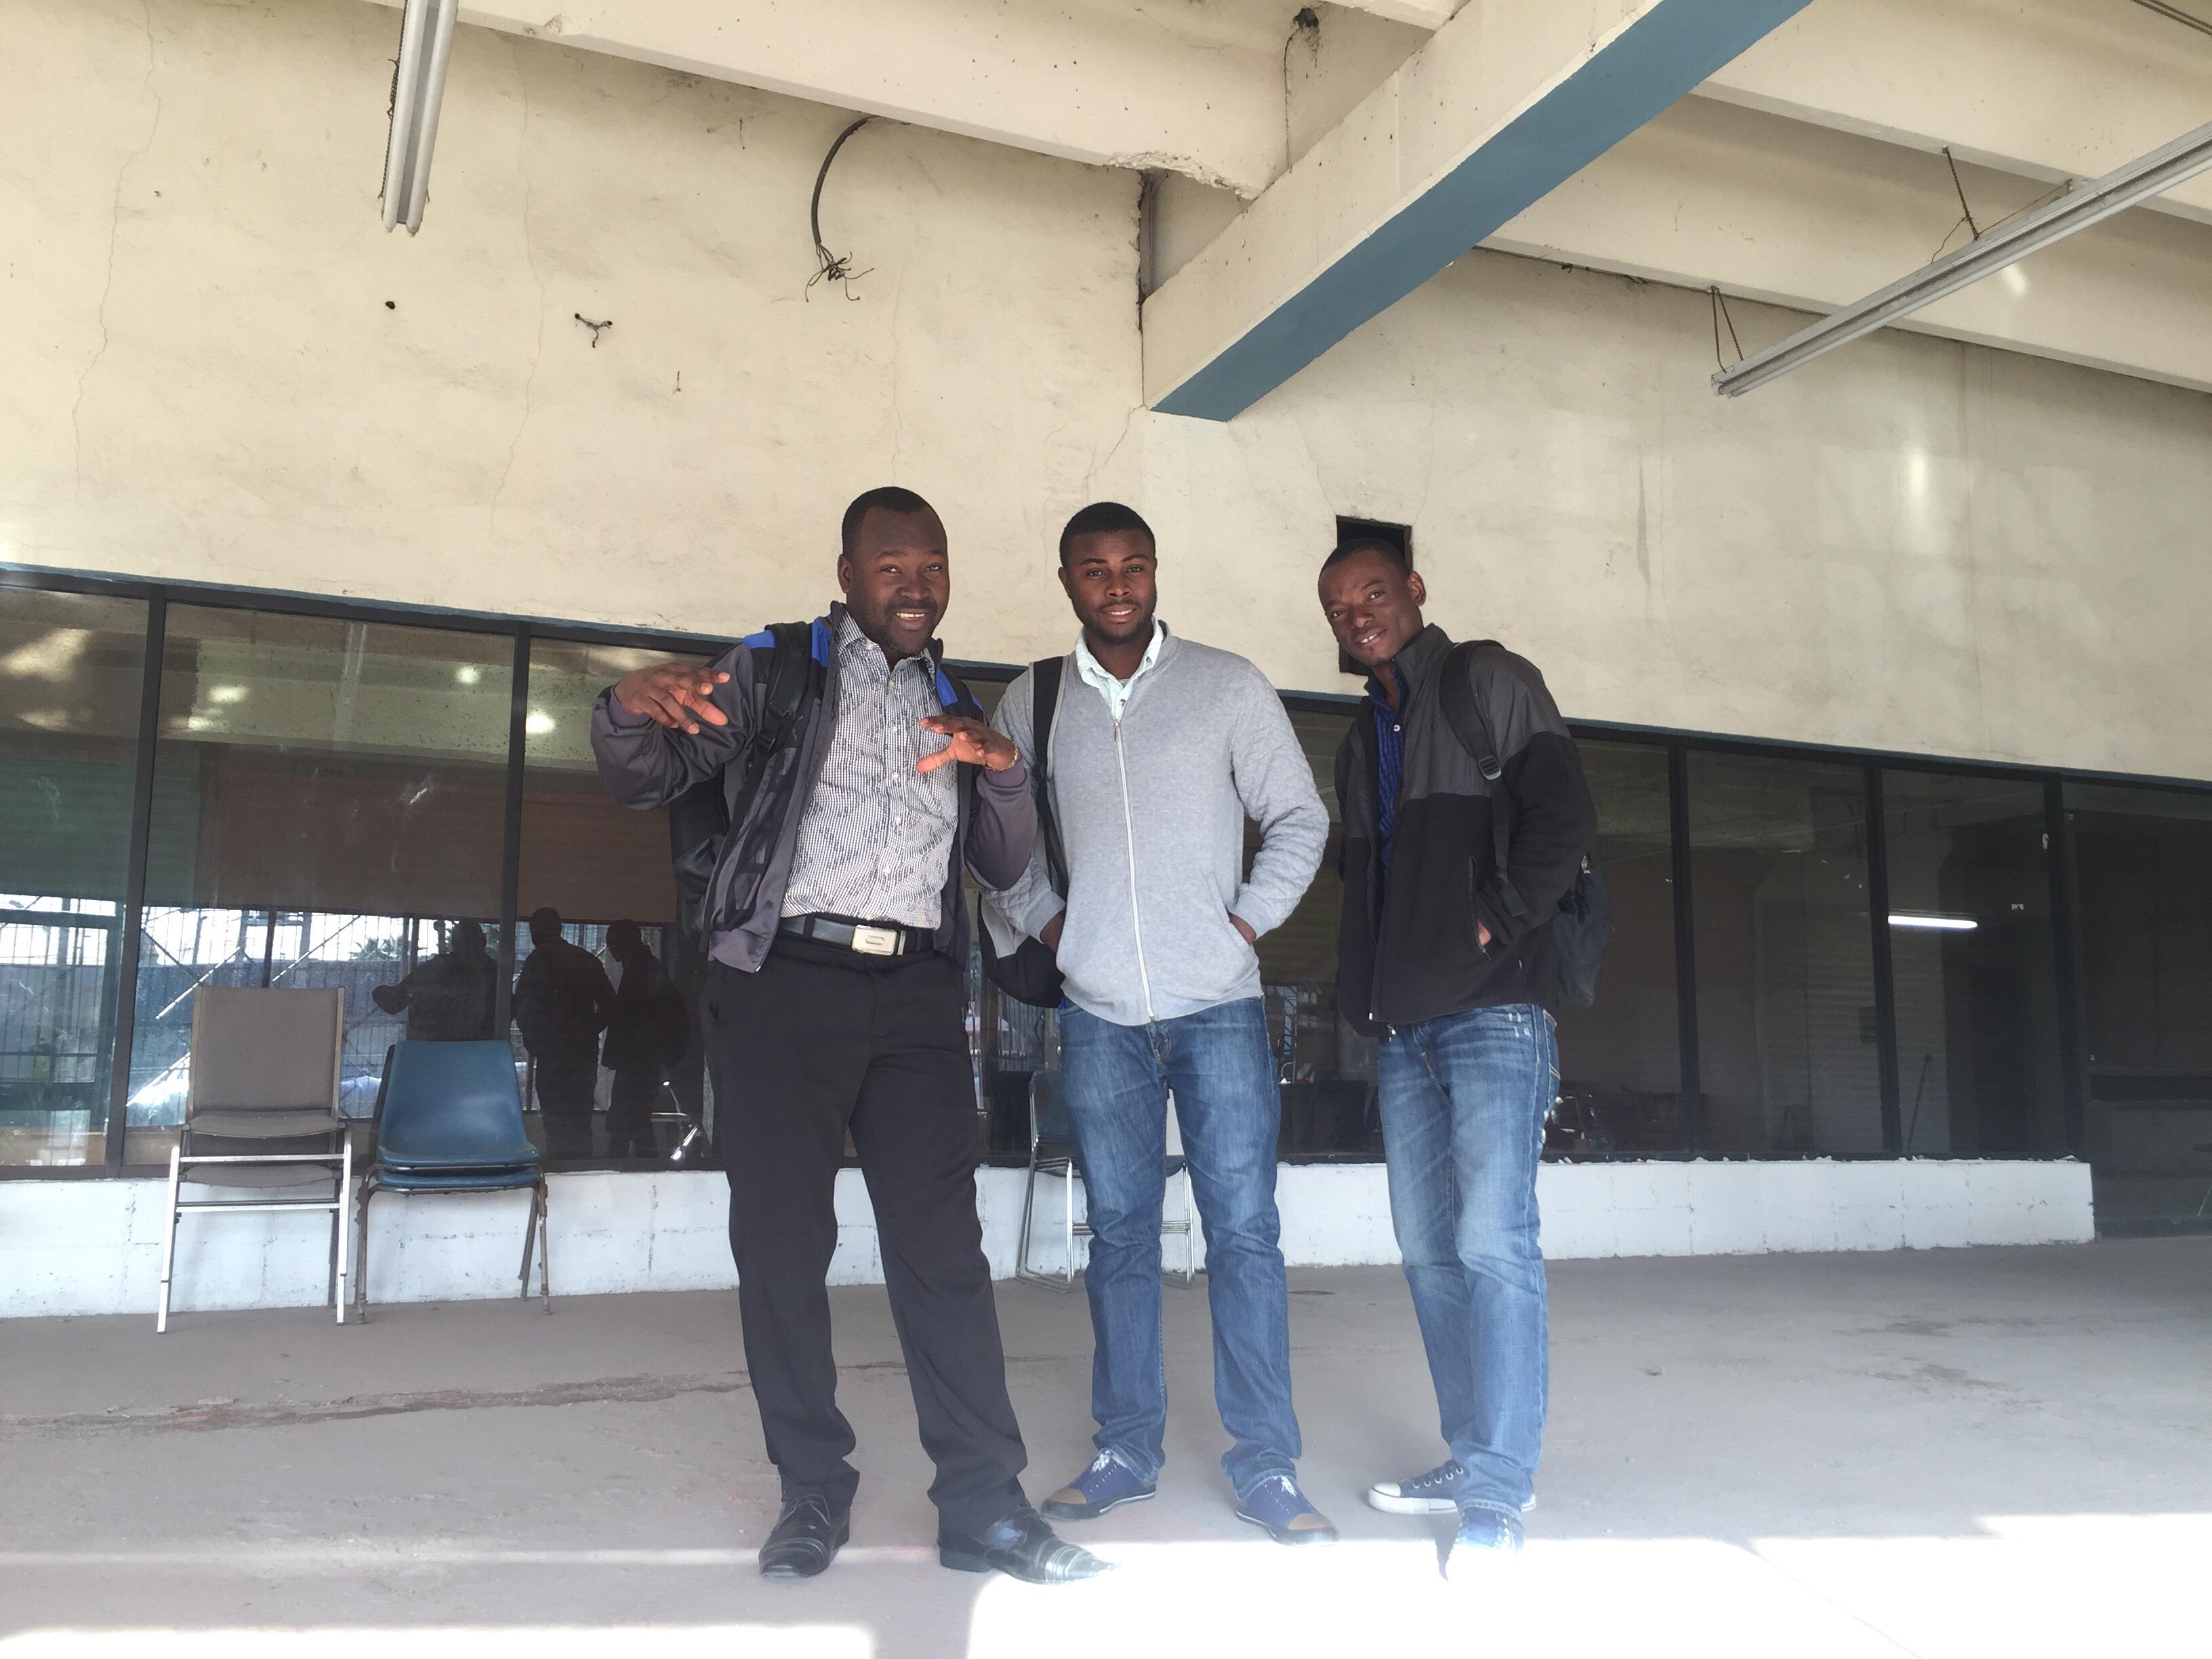 Tras su regreso a Tijuana, Wisly se reúne con sus compañeros de la mesa de trabajo en donde darán las clases y asesoría legal a migrantes. Fotografía por Flor Cervantes